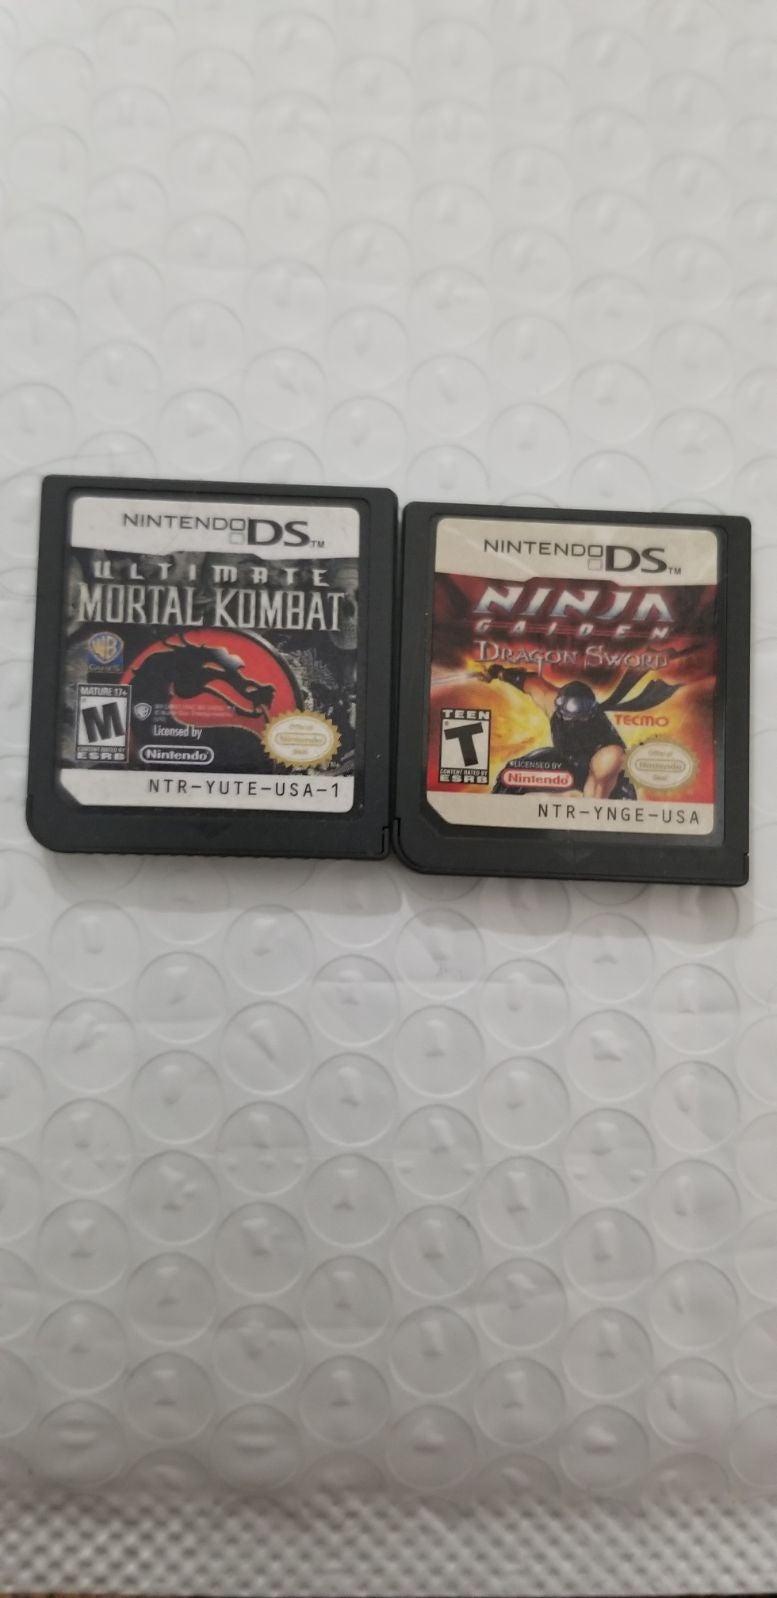 Mortal kombat,ninja gaiden Nintendo ds